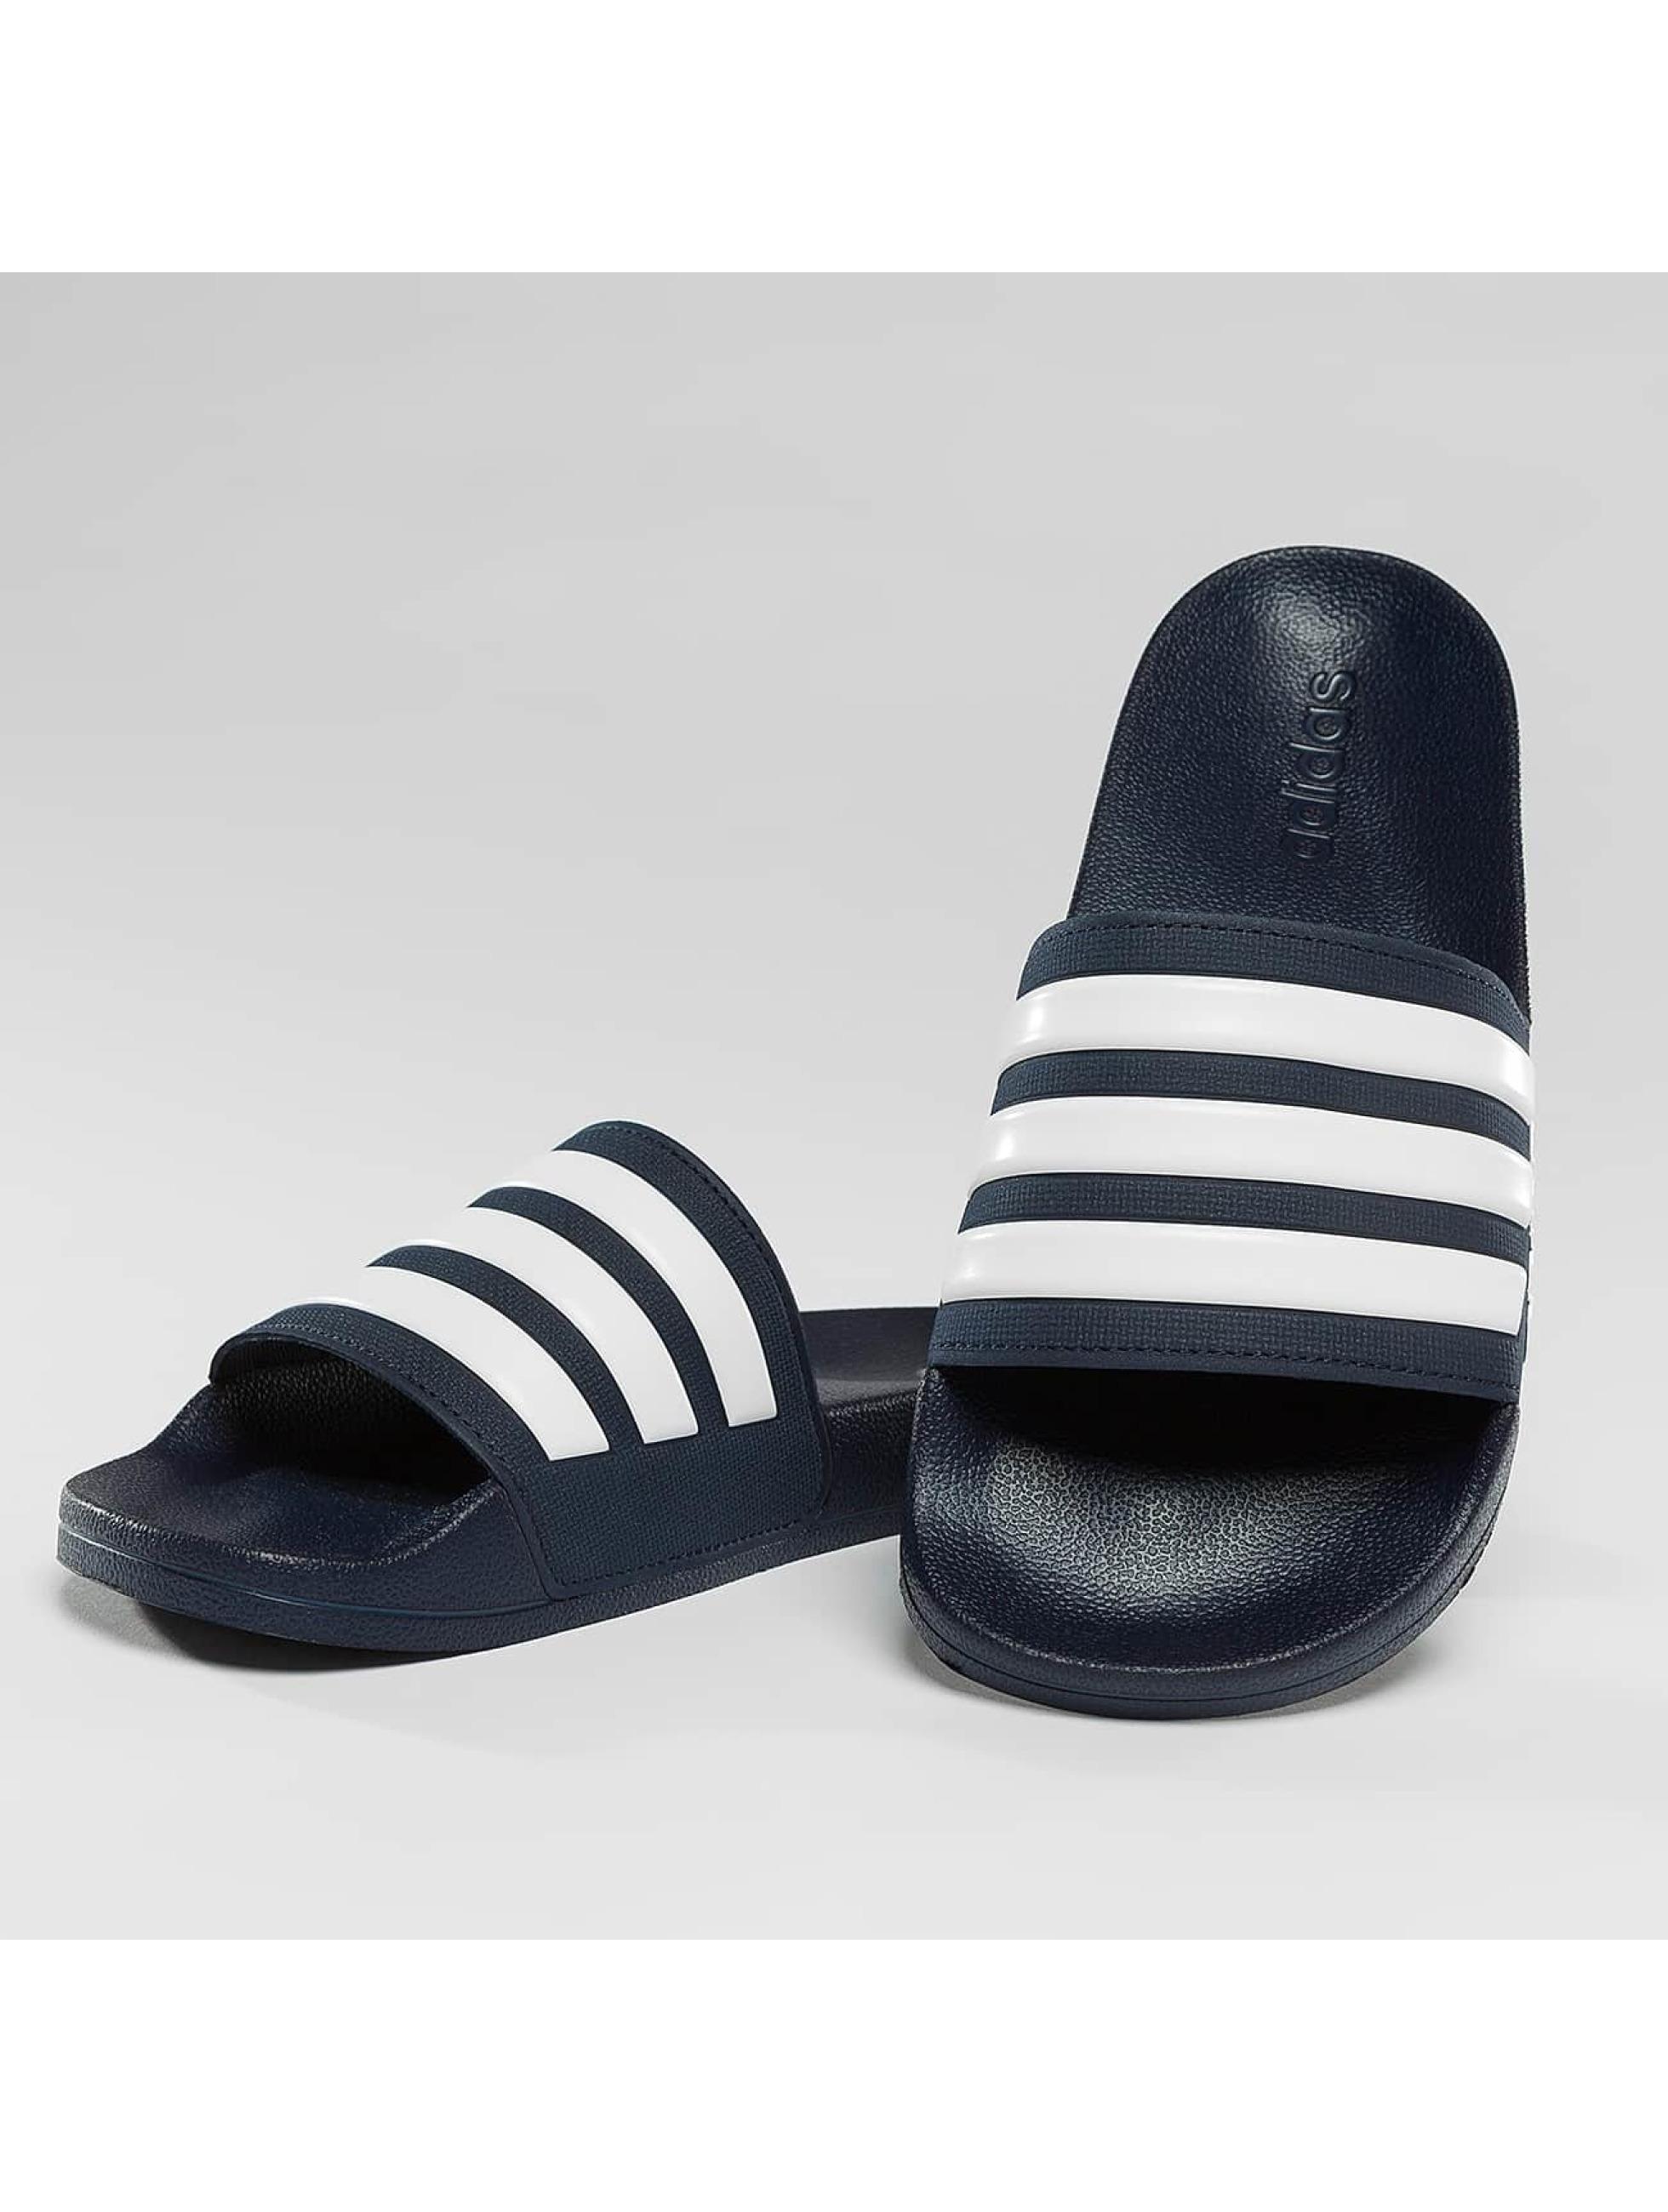 adidas Sandalen CF blau